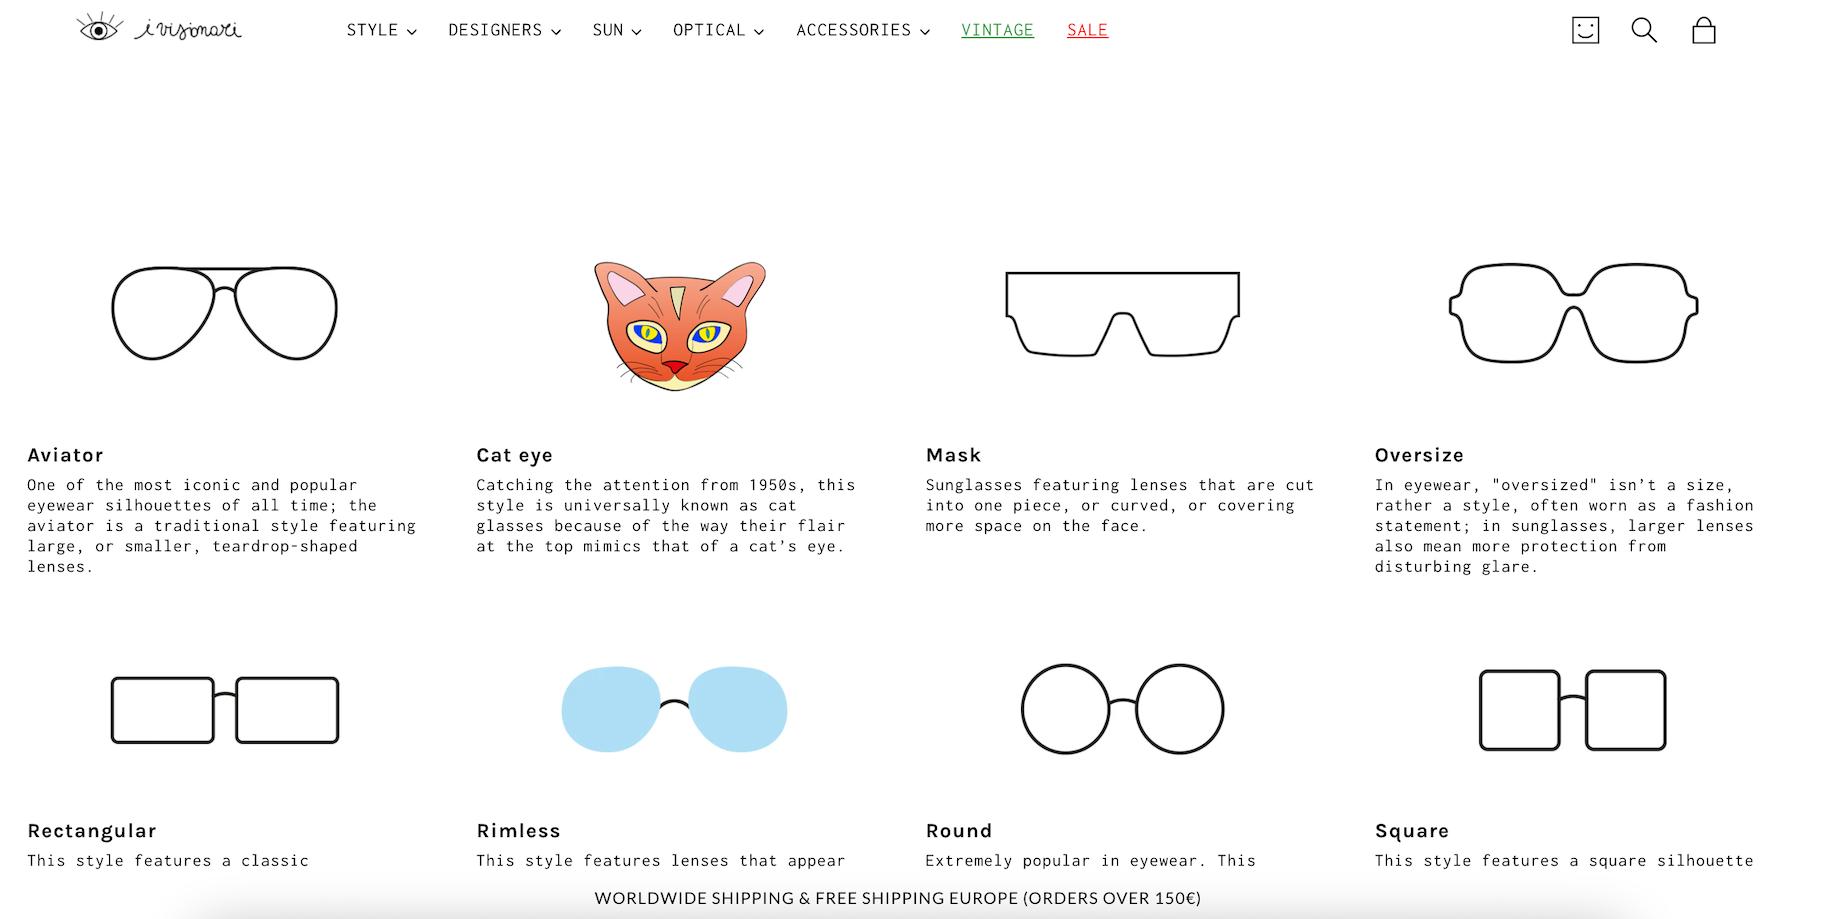 visionari negozio shopify